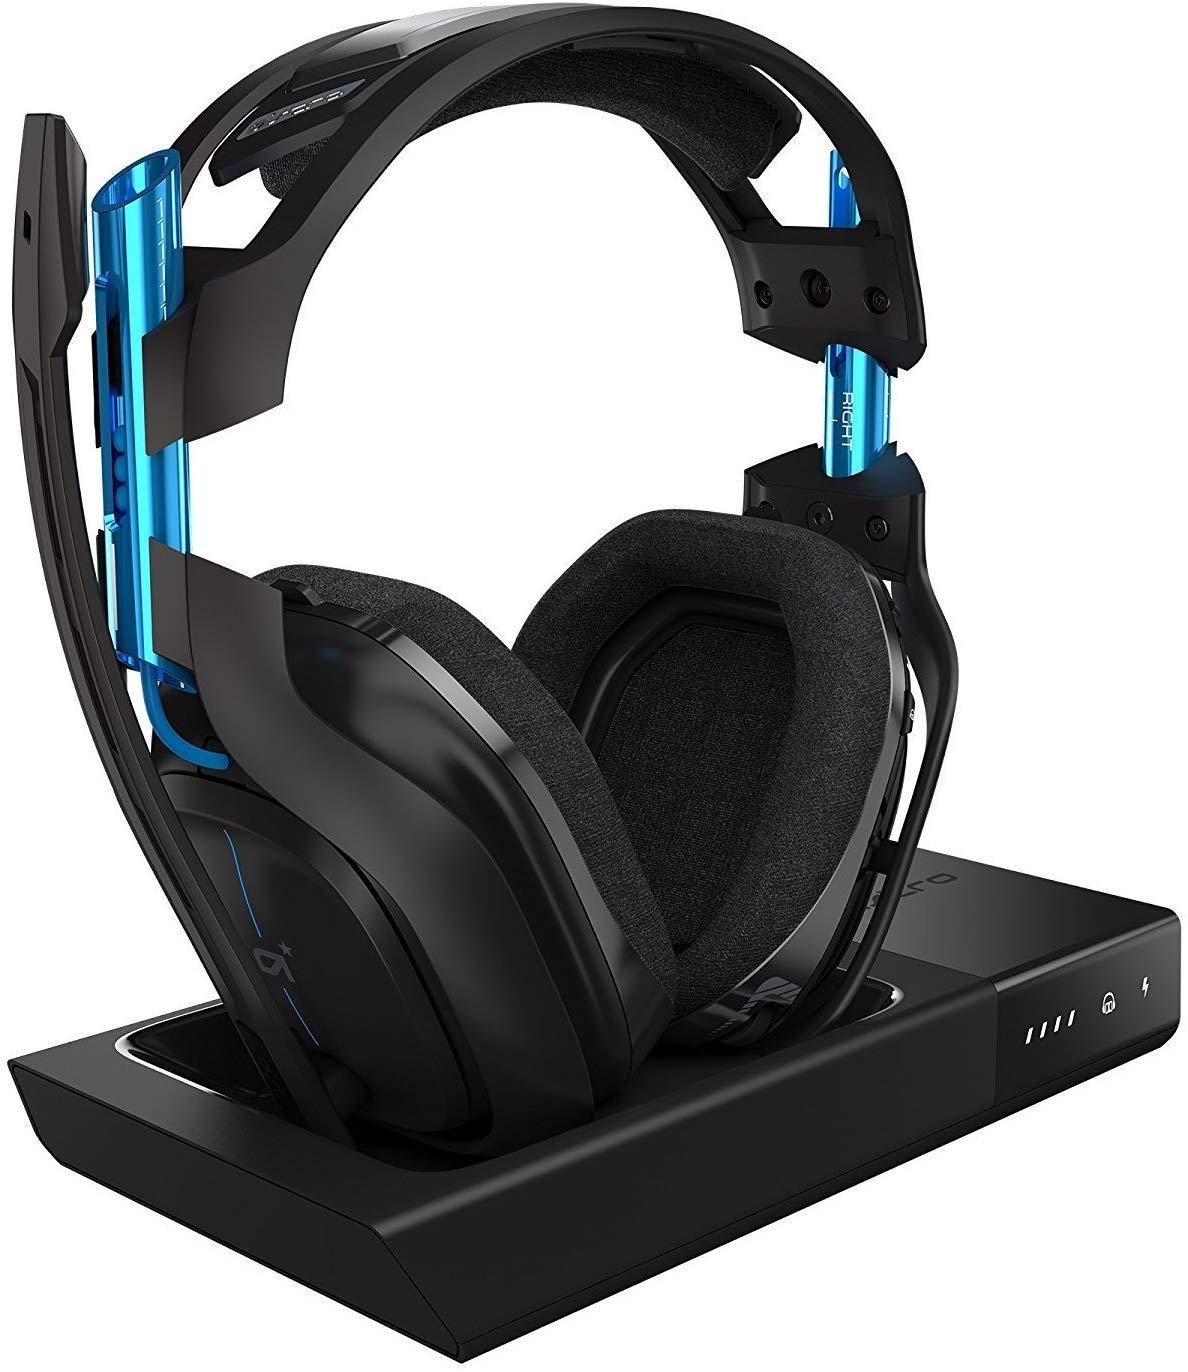 Astro A50 Wireless Gaming Headset Basisstation 3 Computer Zubehör